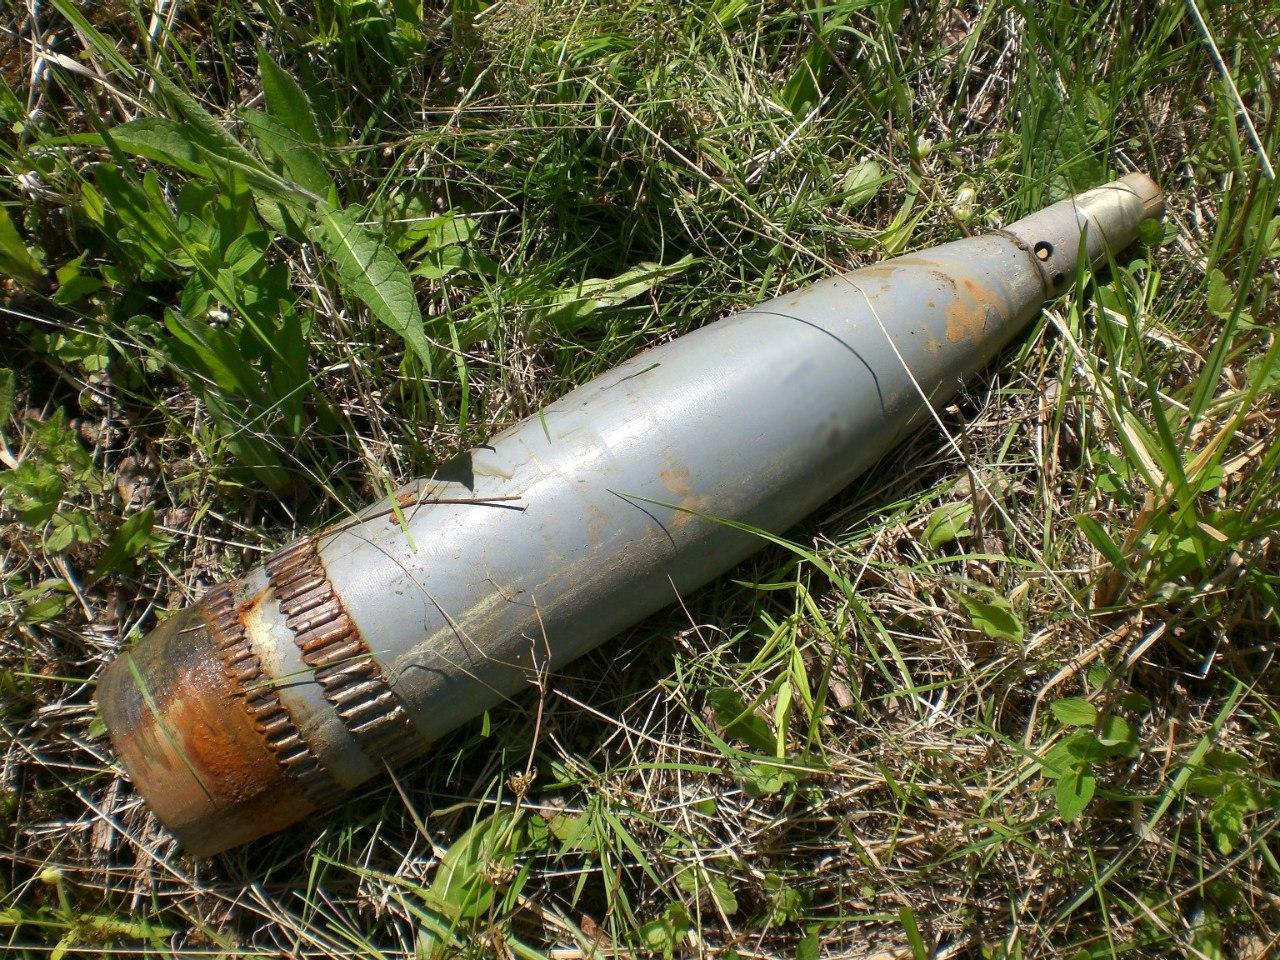 В 100 километрах от Таганрога, недалеко от украинской границы, в поле обнаружены 8 танковых 120 мм снарядов